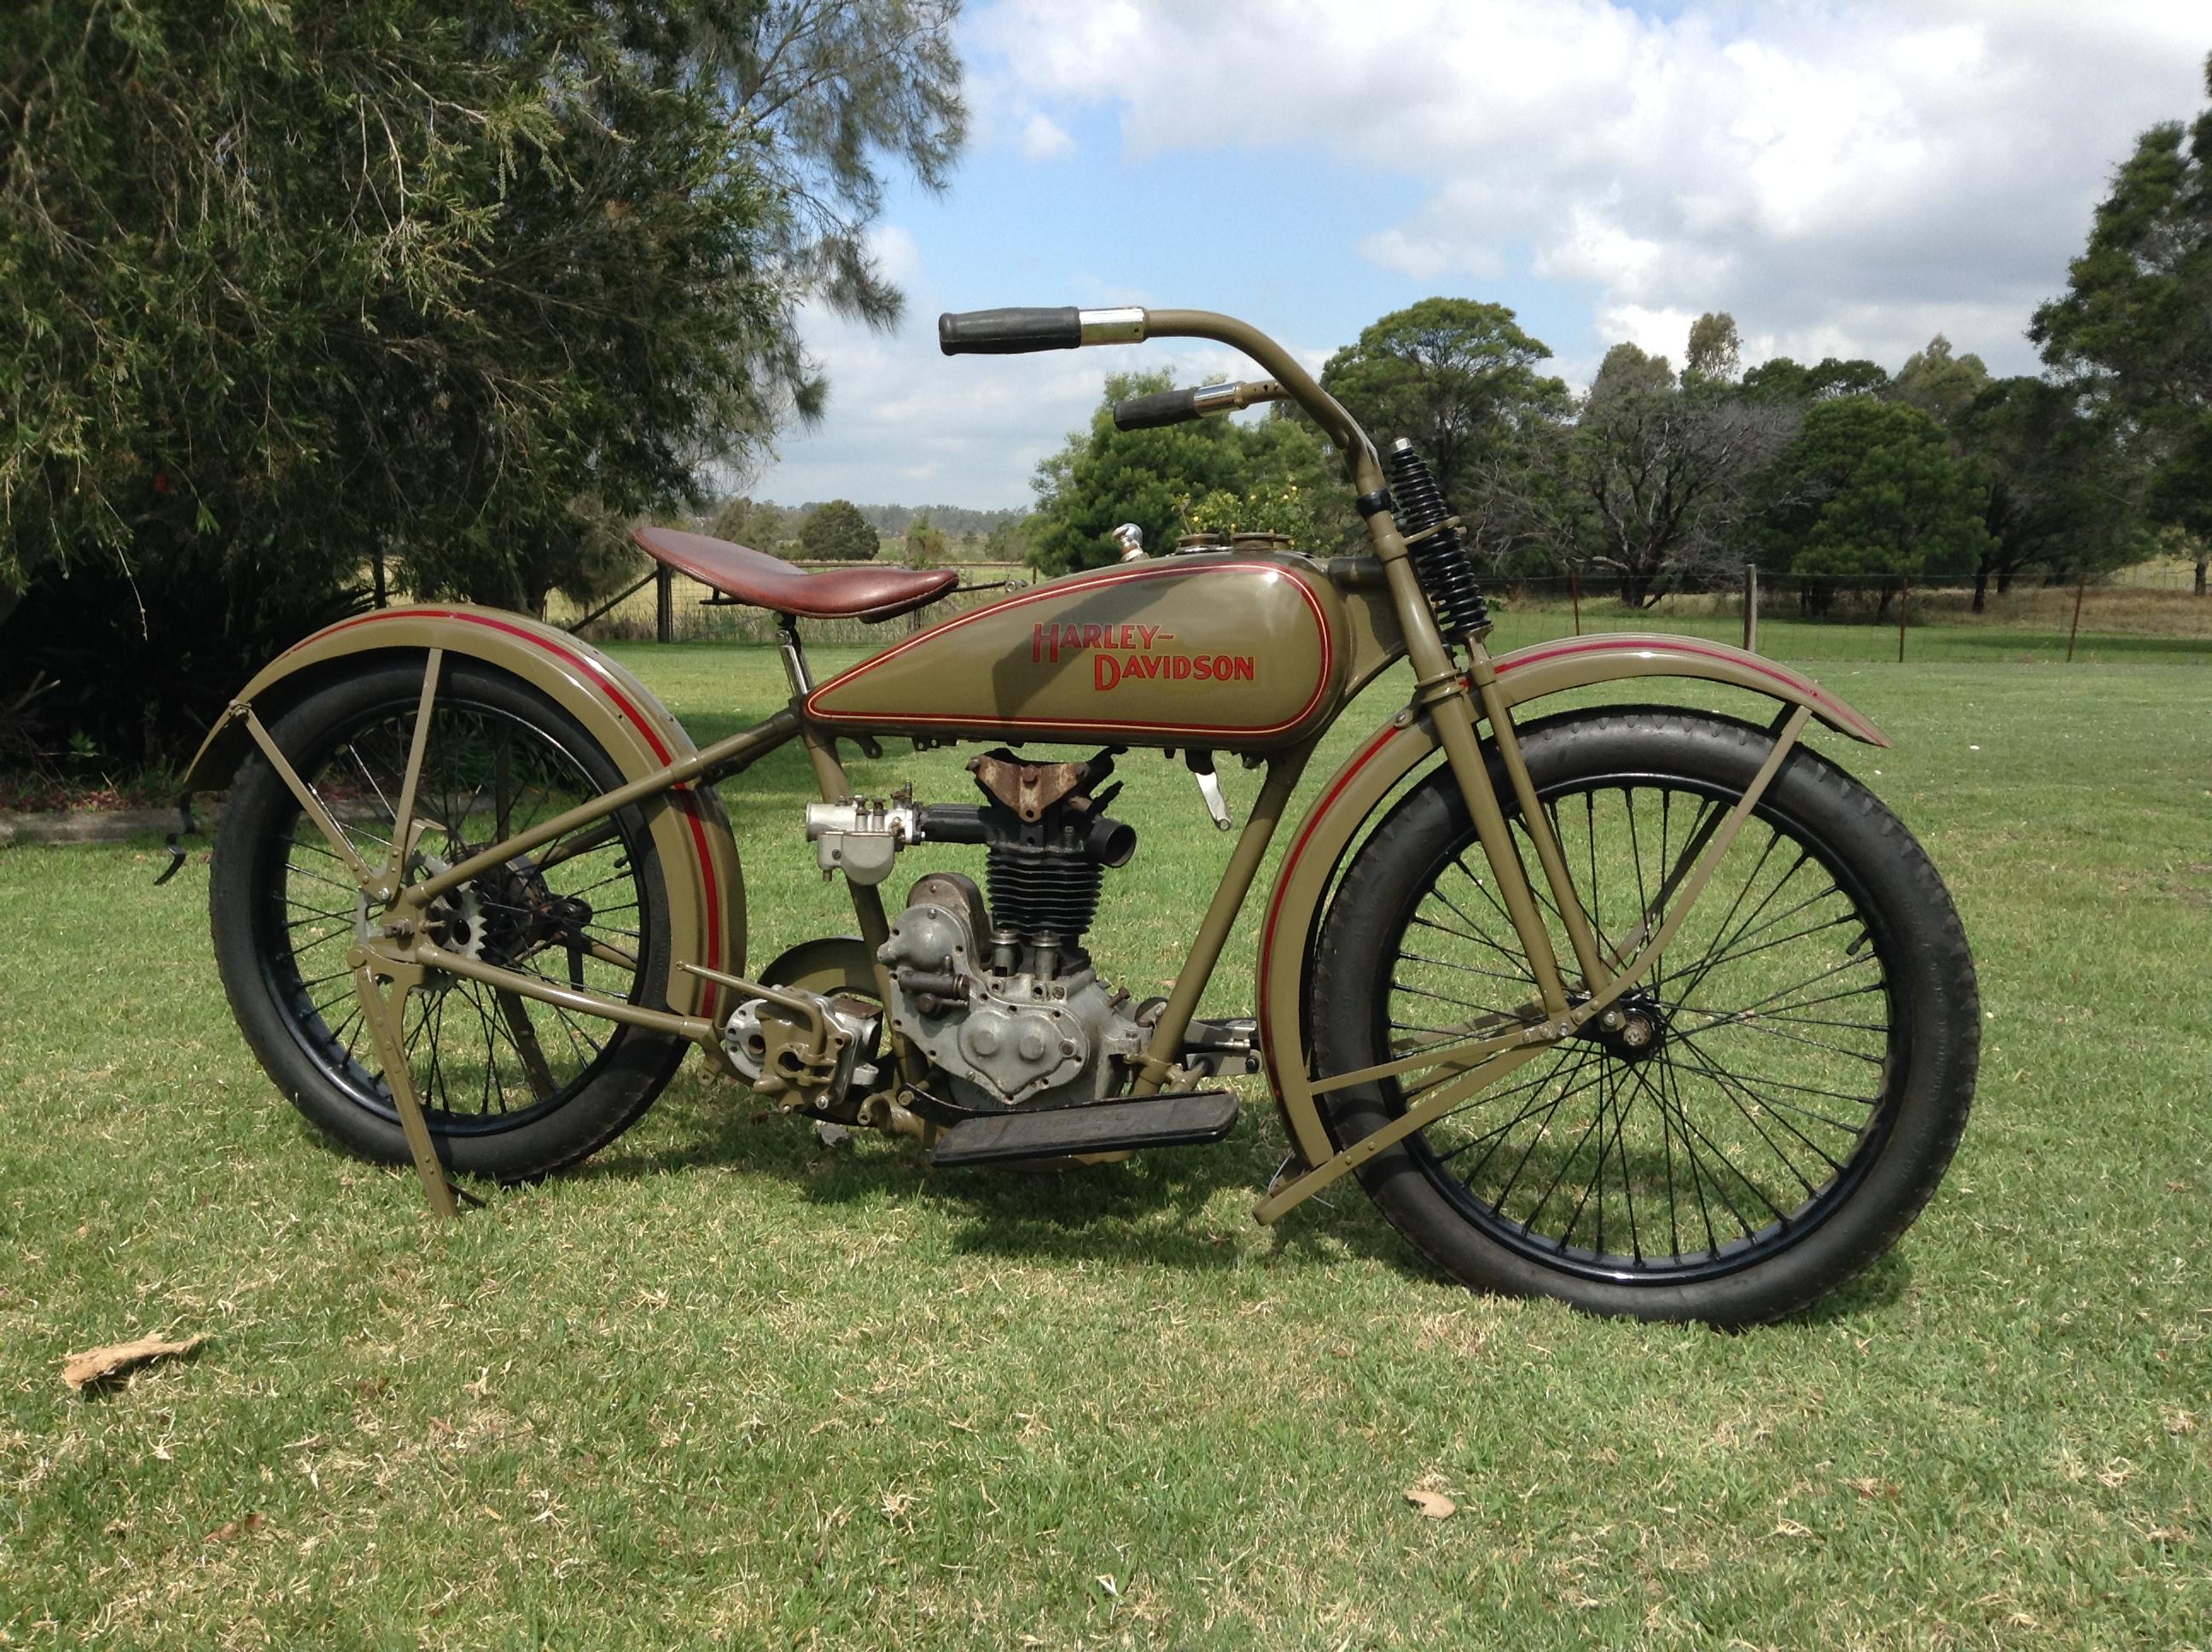 1926 Harley Davidson Ohv Peashooter Sold: 1926 AA Harley Davidson OHV 001